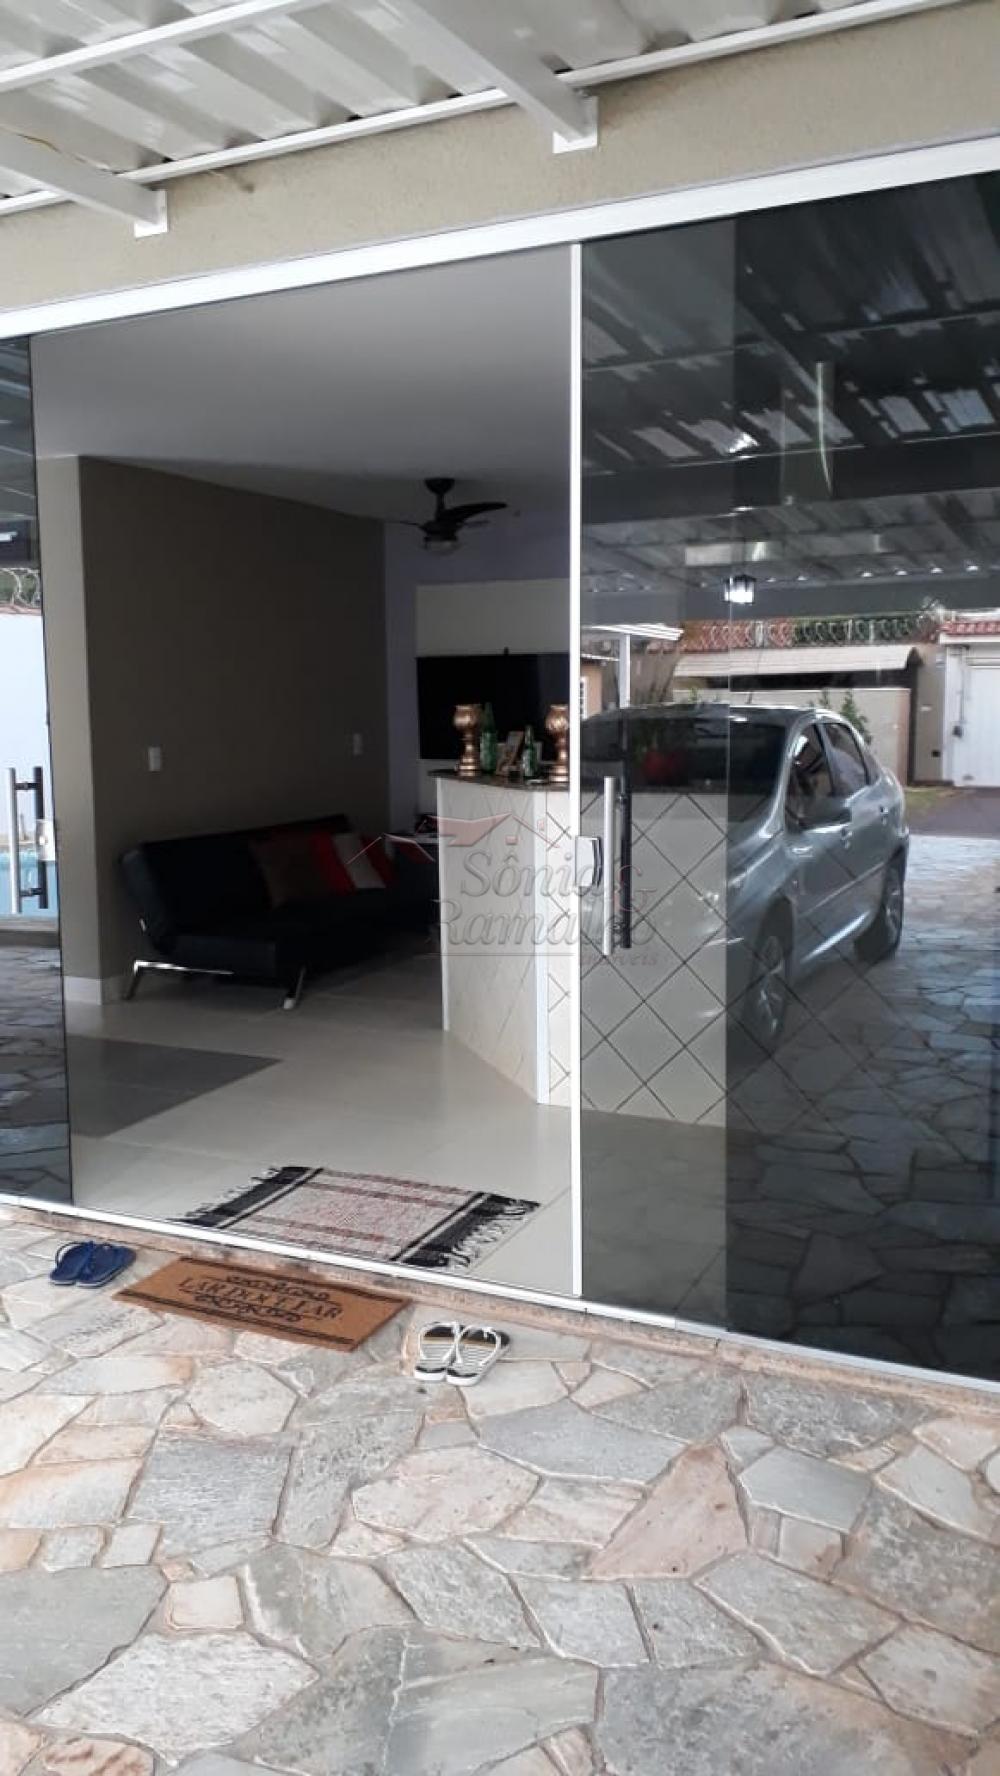 Comprar Casas / Padrão em Ribeirão Preto apenas R$ 404.000,00 - Foto 6